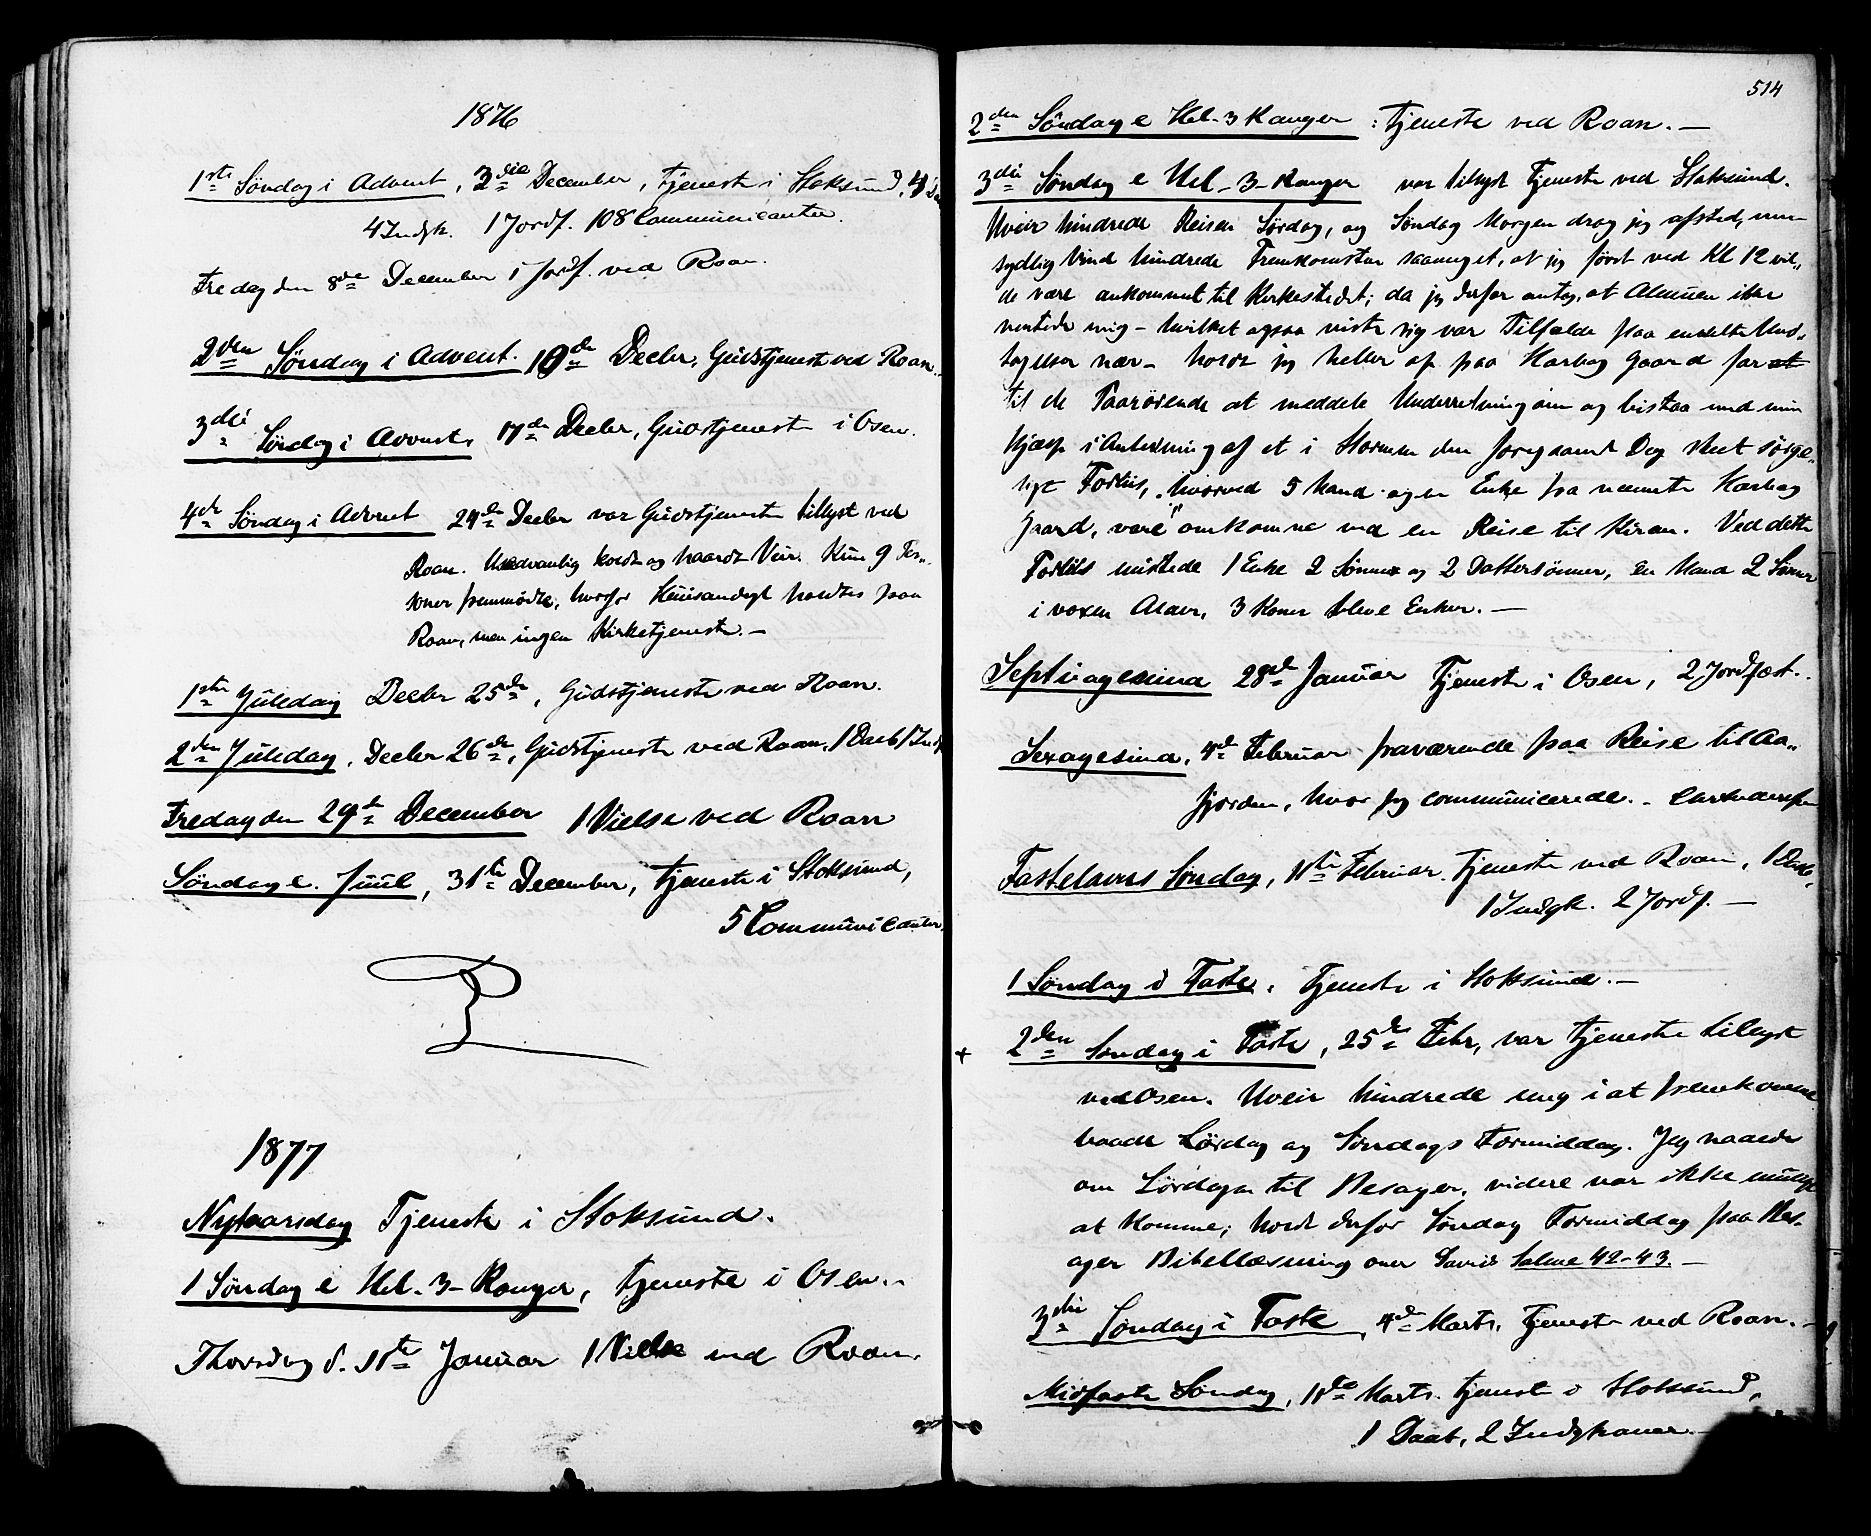 SAT, Ministerialprotokoller, klokkerbøker og fødselsregistre - Sør-Trøndelag, 657/L0706: Ministerialbok nr. 657A07, 1867-1878, s. 514